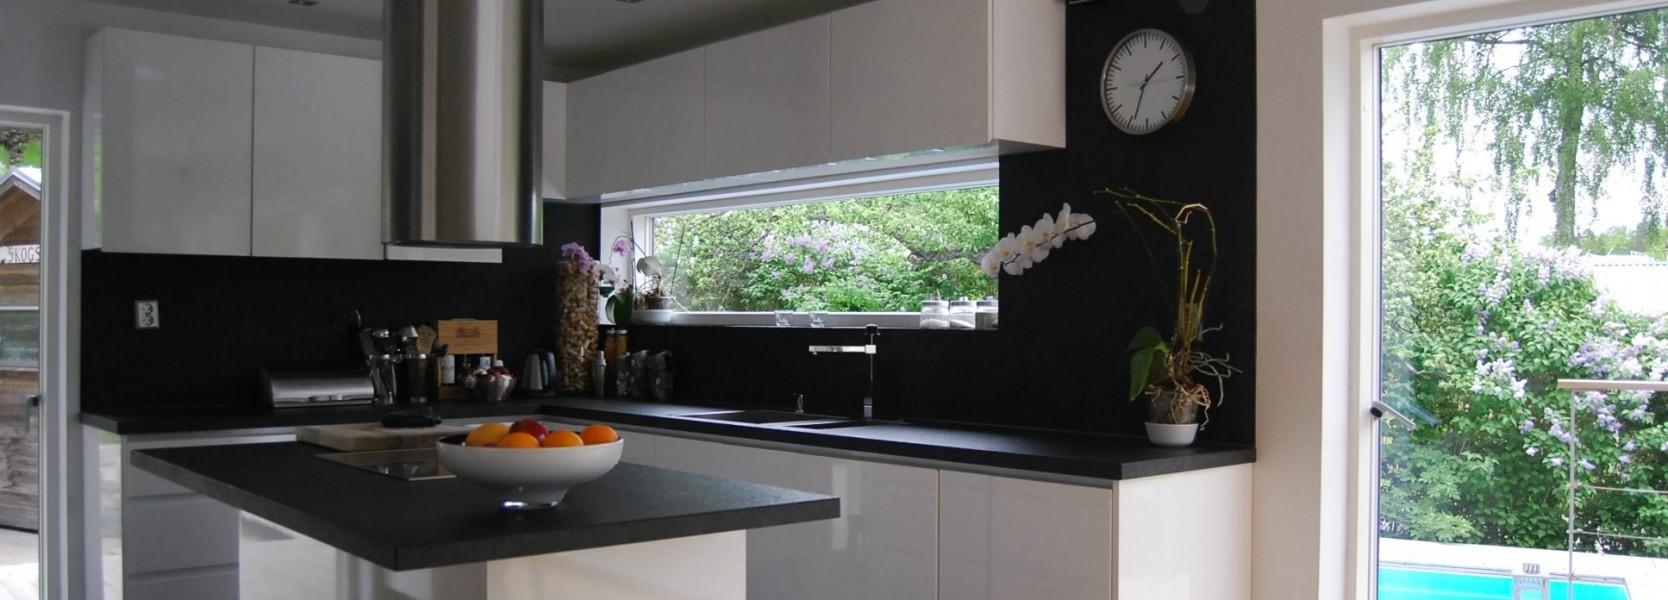 Idee per ristrutturare la tua cucina | liveonriviera.com